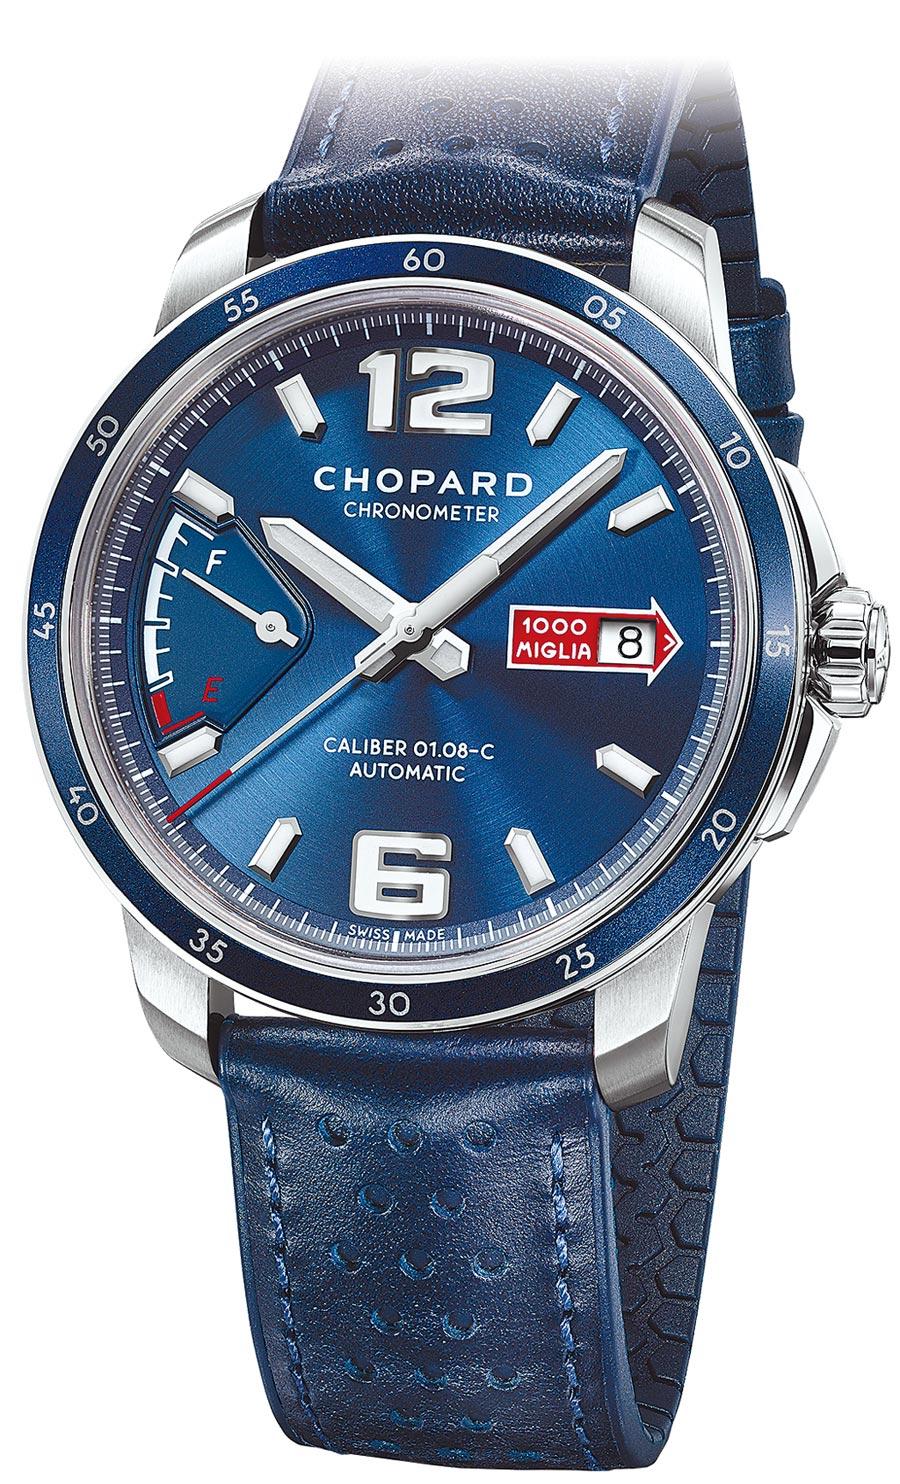 蕭邦Mille Miglia GTS Power Control腕表, 22萬6000元(精鋼款),32萬3000元(精鋼和18K玫瑰金款)。( Chopard提供)